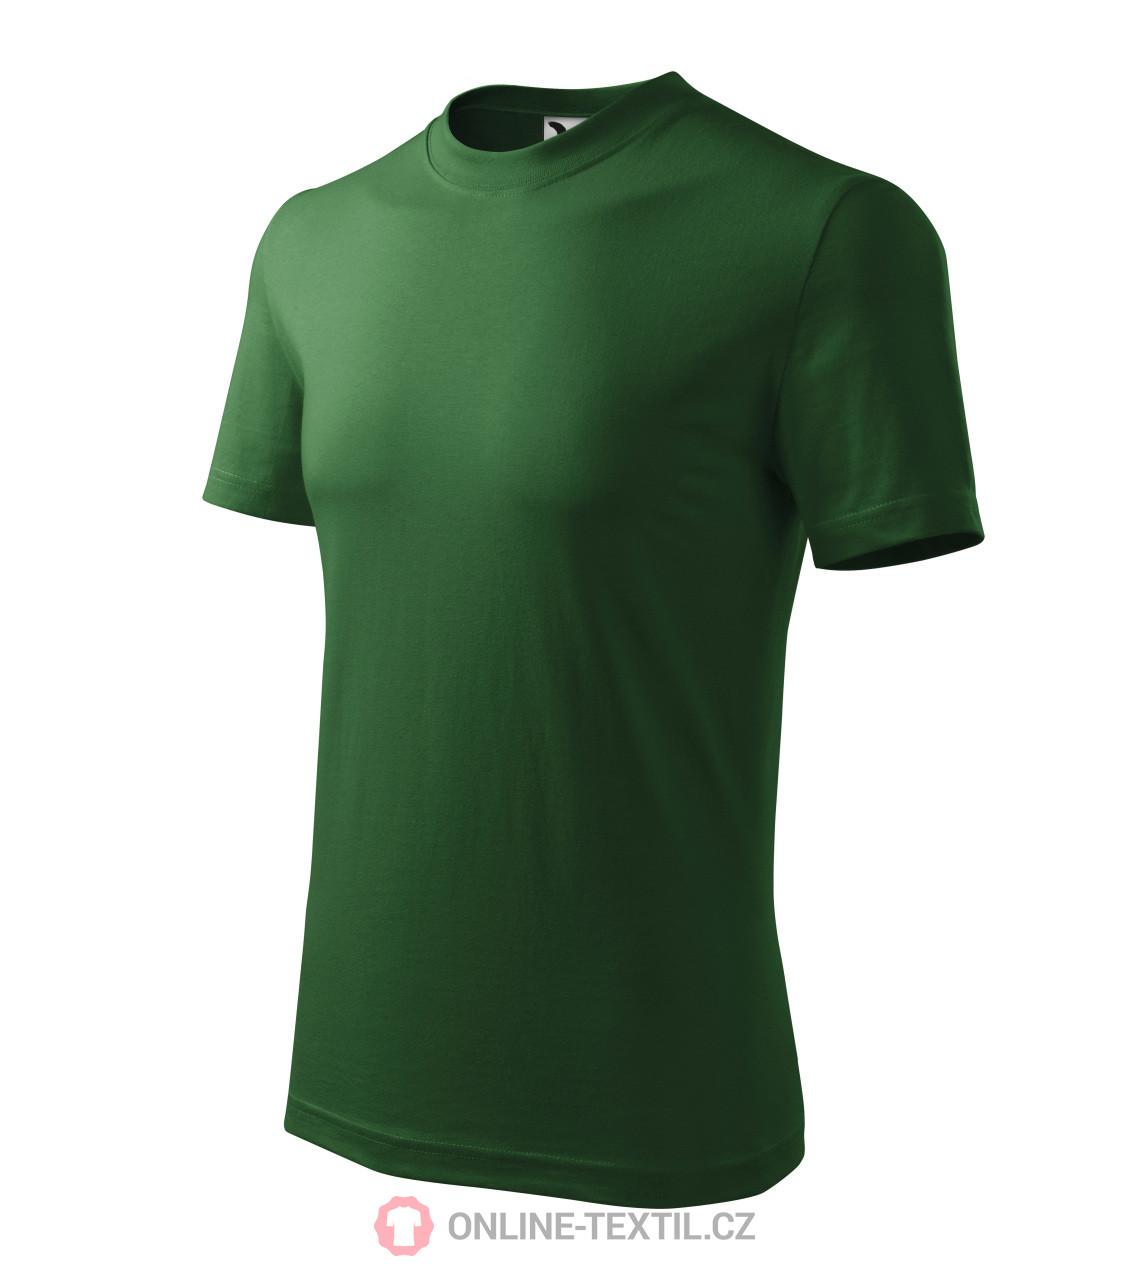 ADLER CZECH Tričko Heavy vyšší gramáže 110 - lahvově zelená z ... 1d7e8bc954